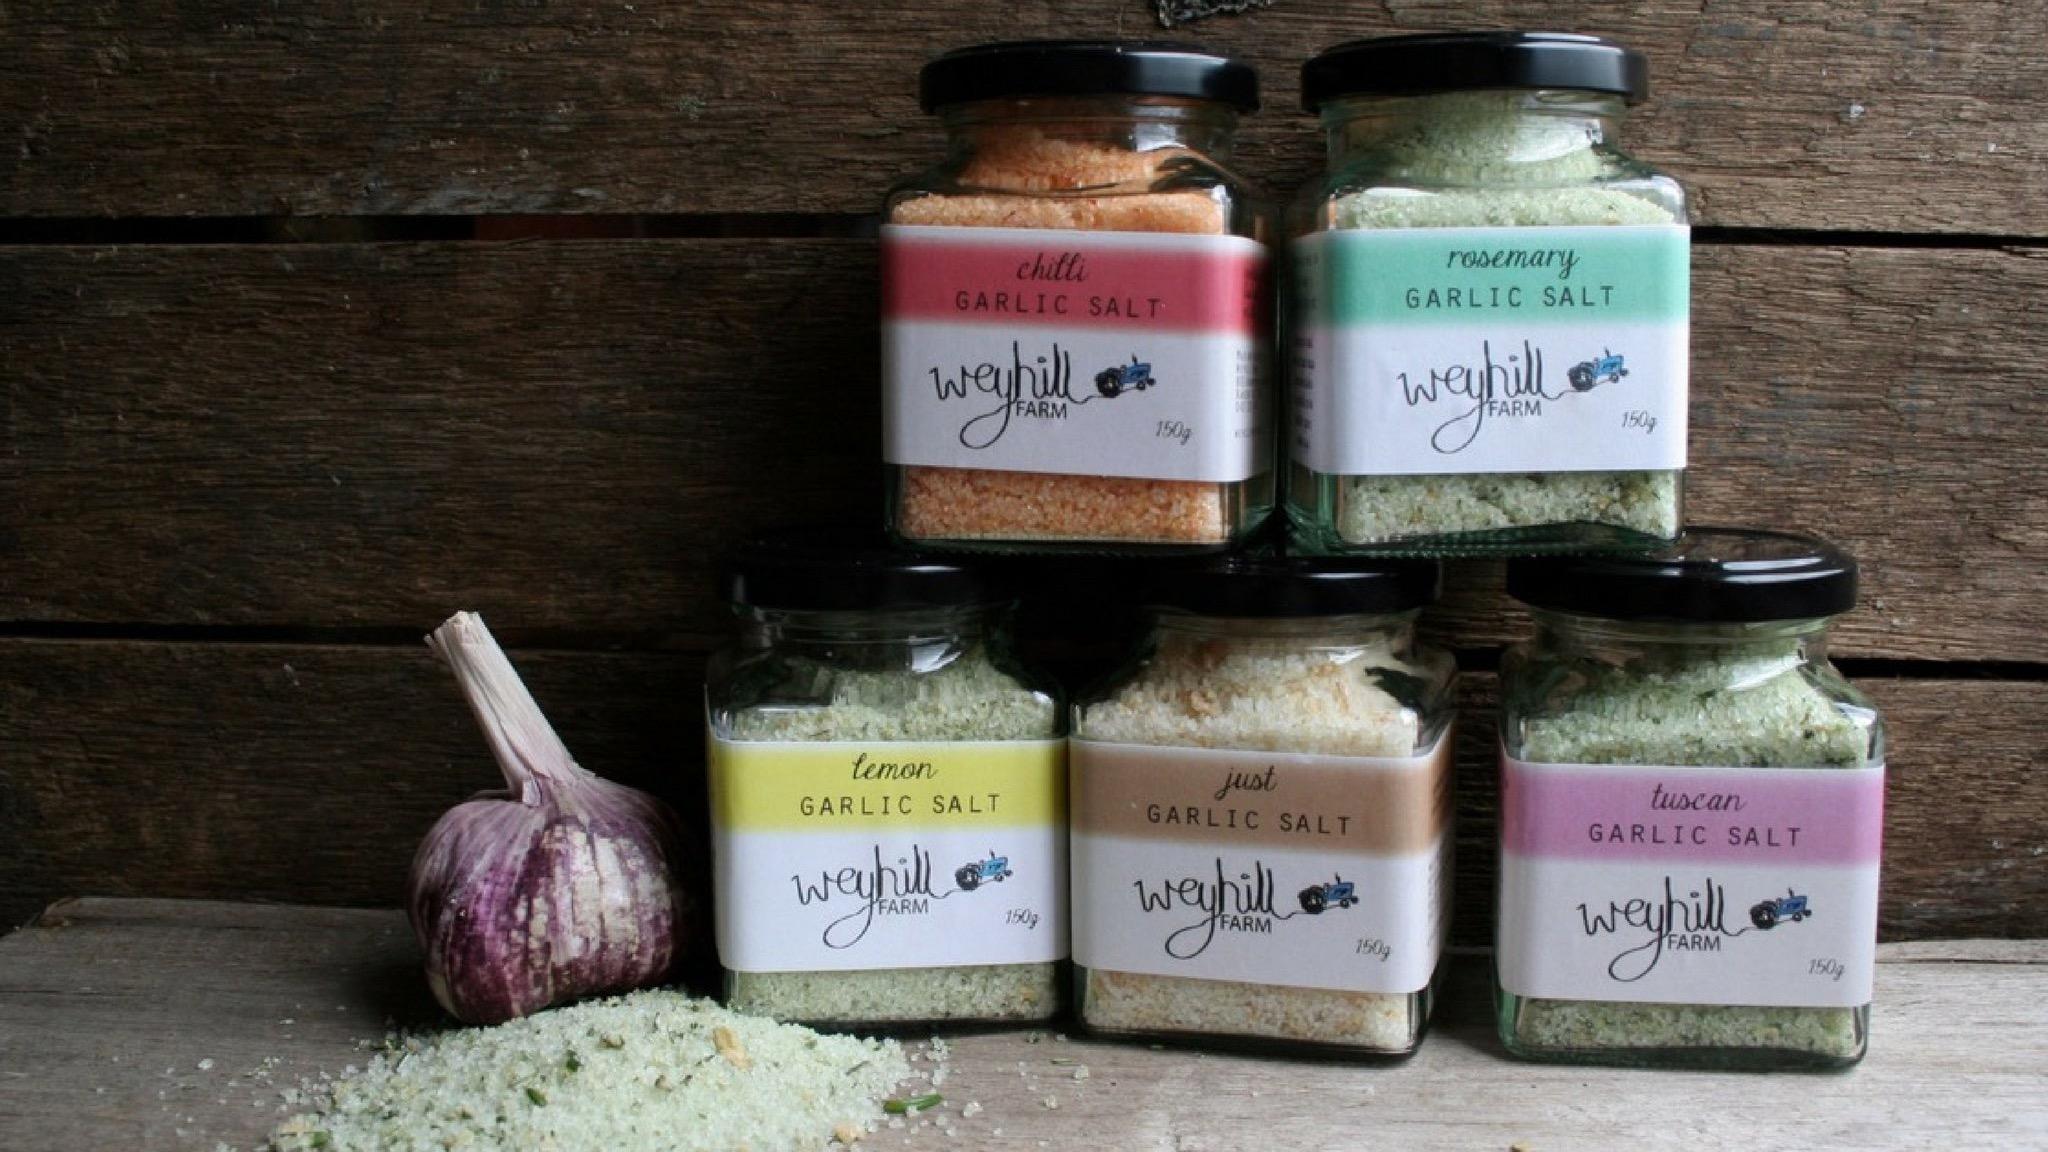 Weyhill Farm Garlic